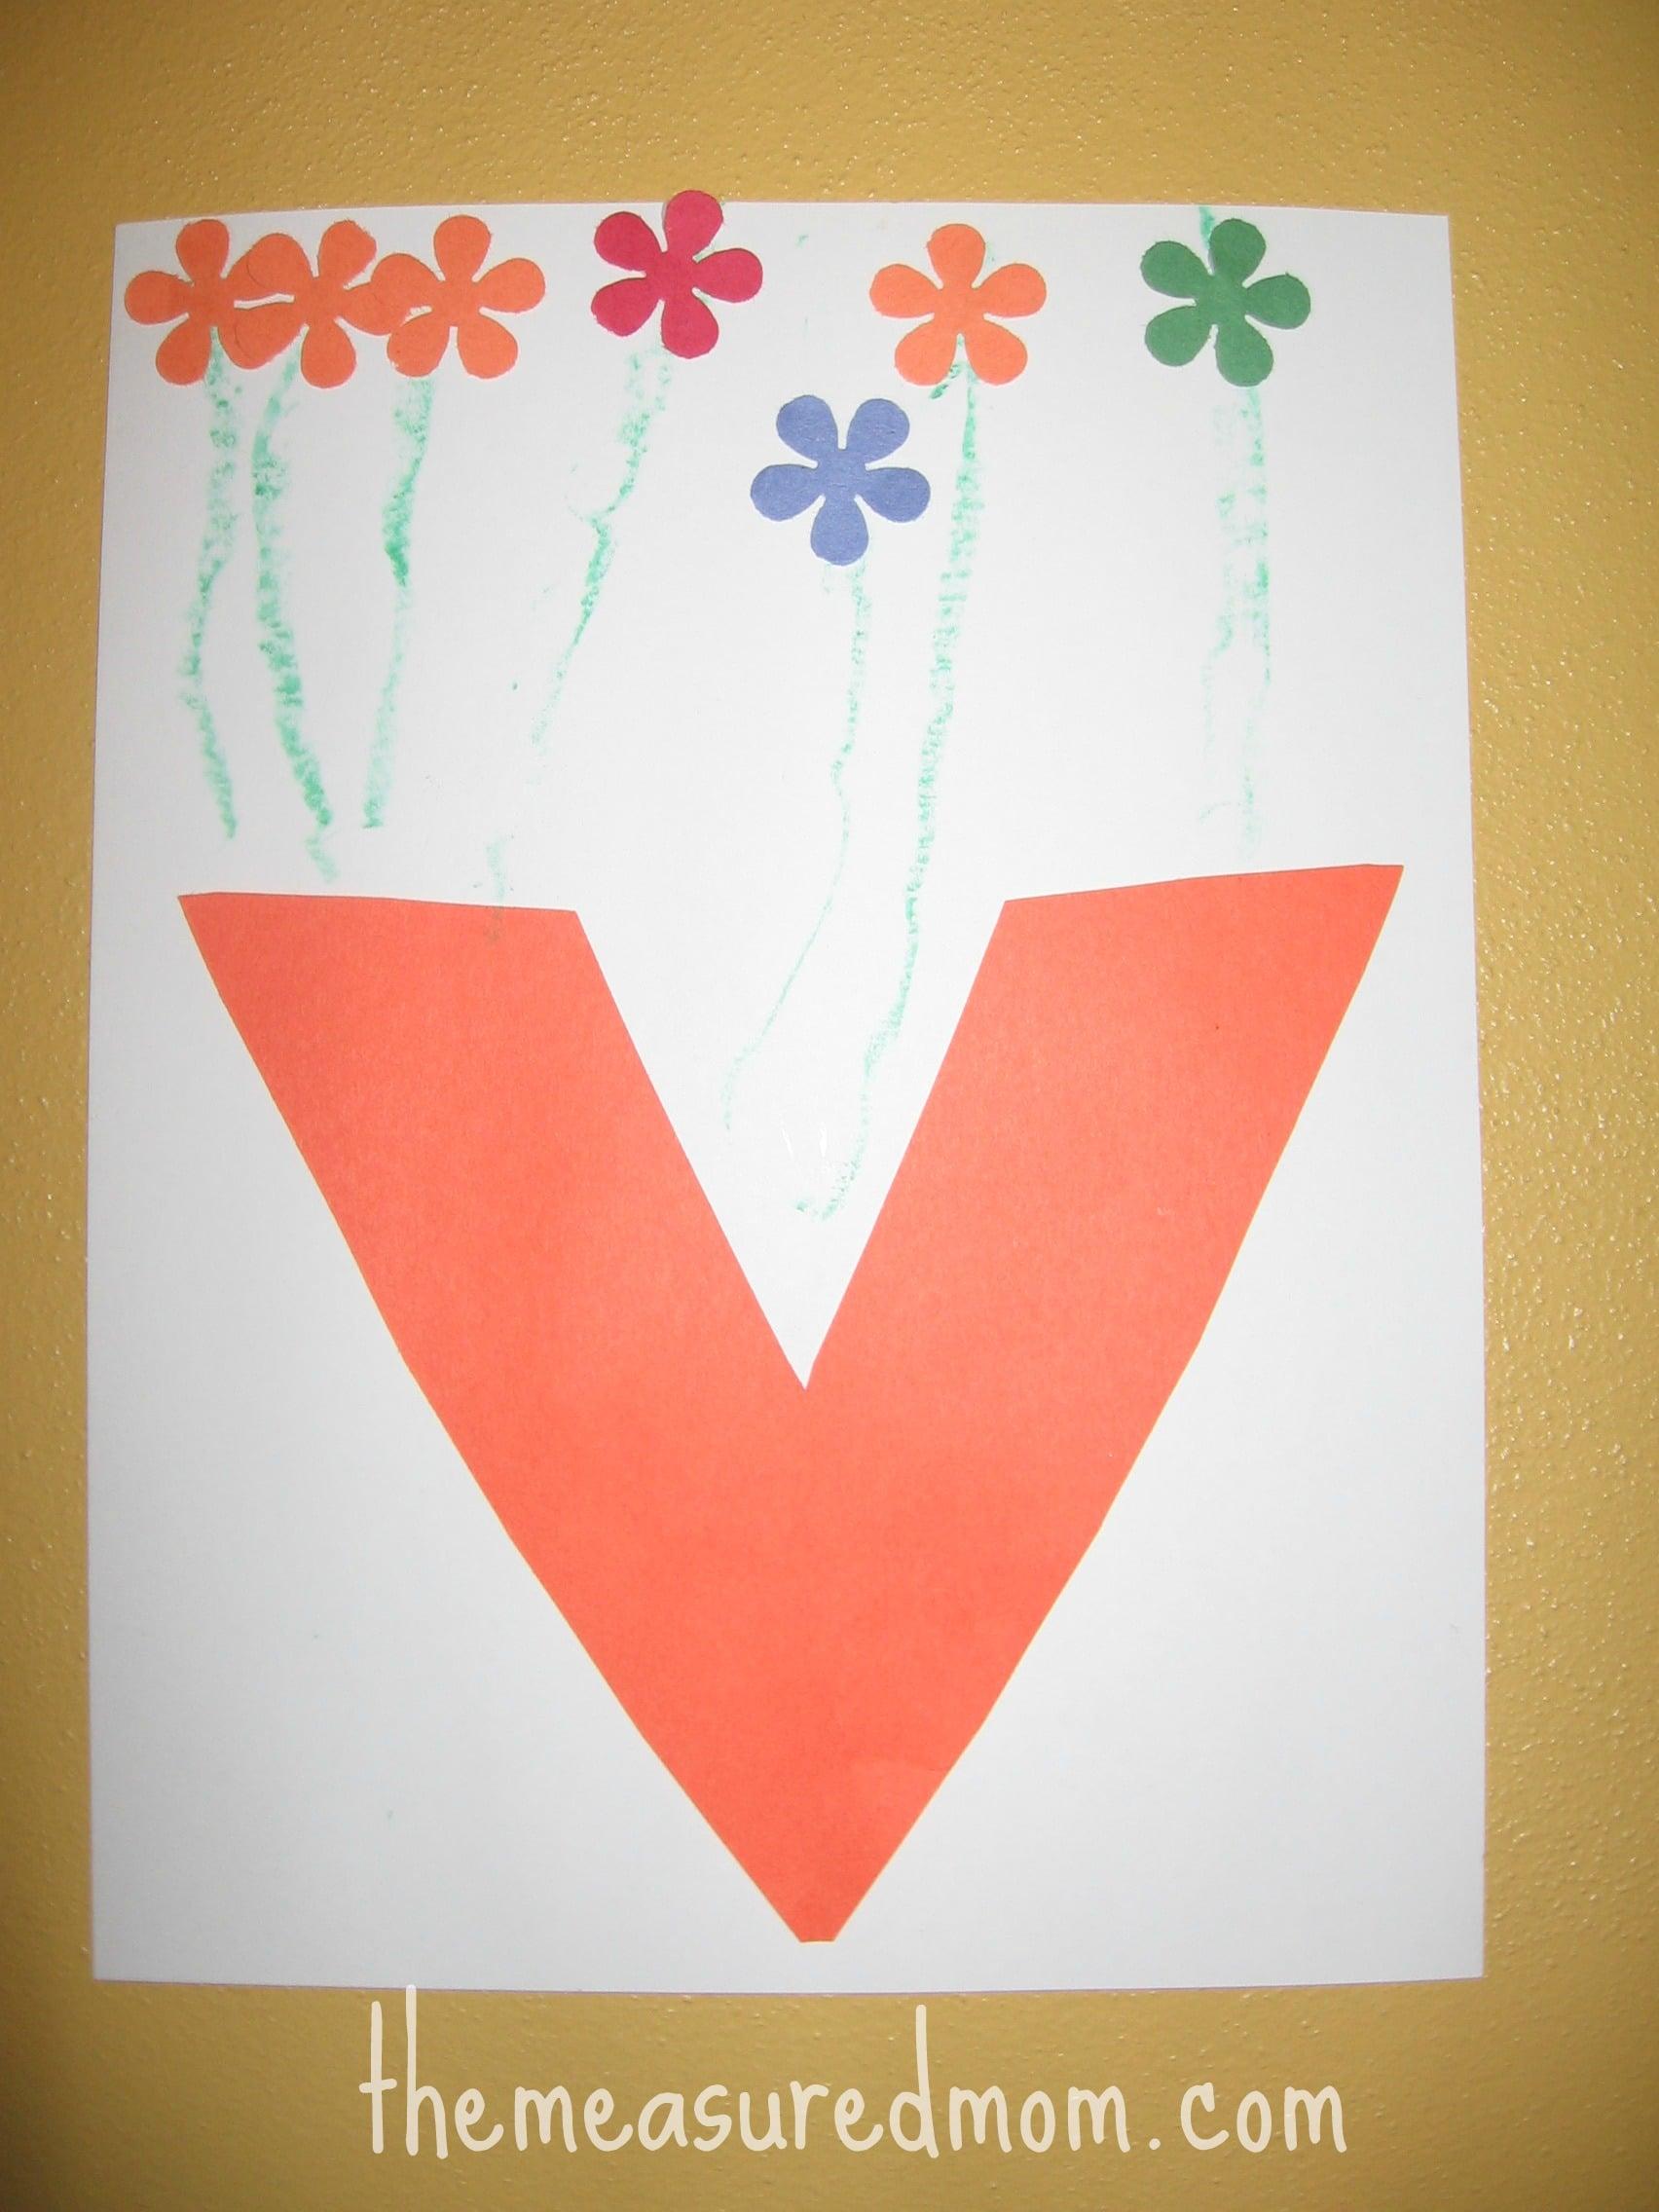 Letter V craft (5) - the measured mom